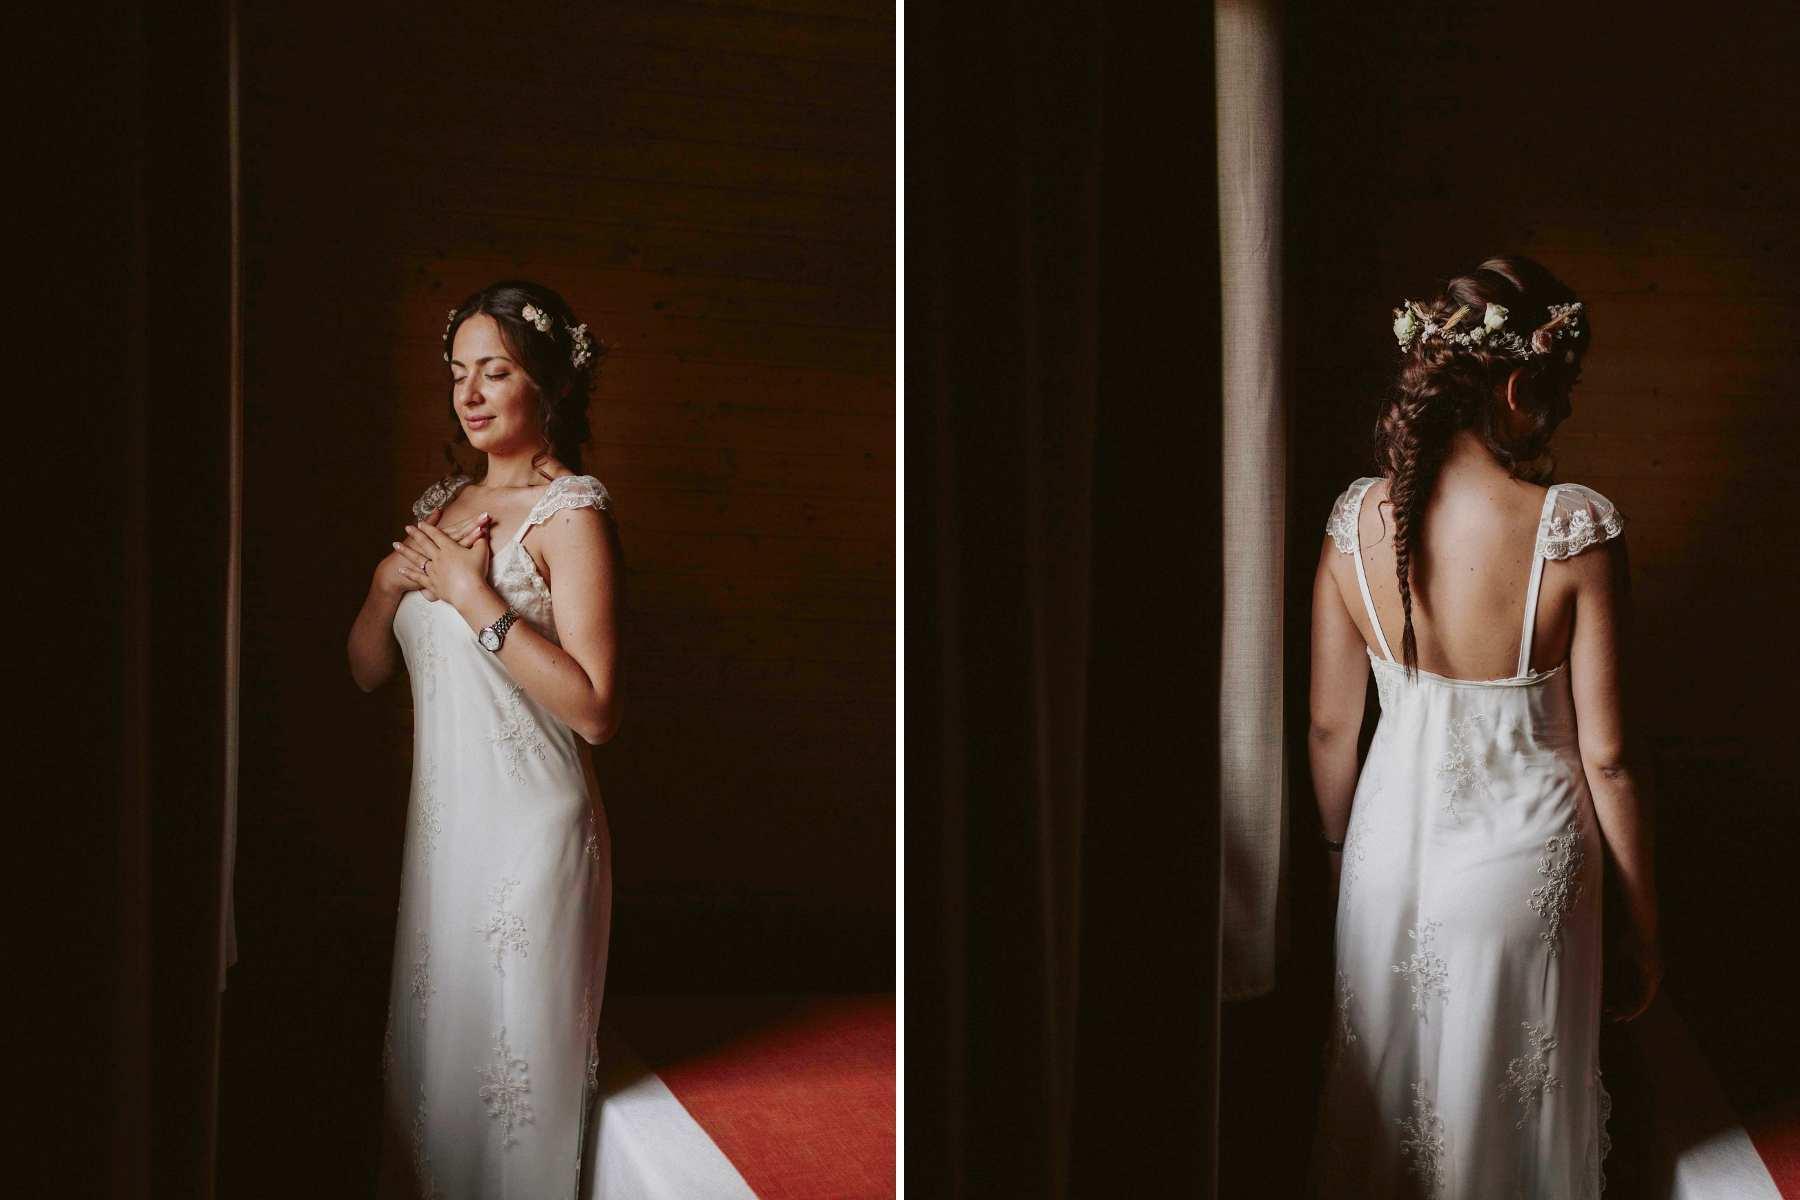 Fotografo+de+bodas+barcelona+girona+cala llevado+beach wedding_042